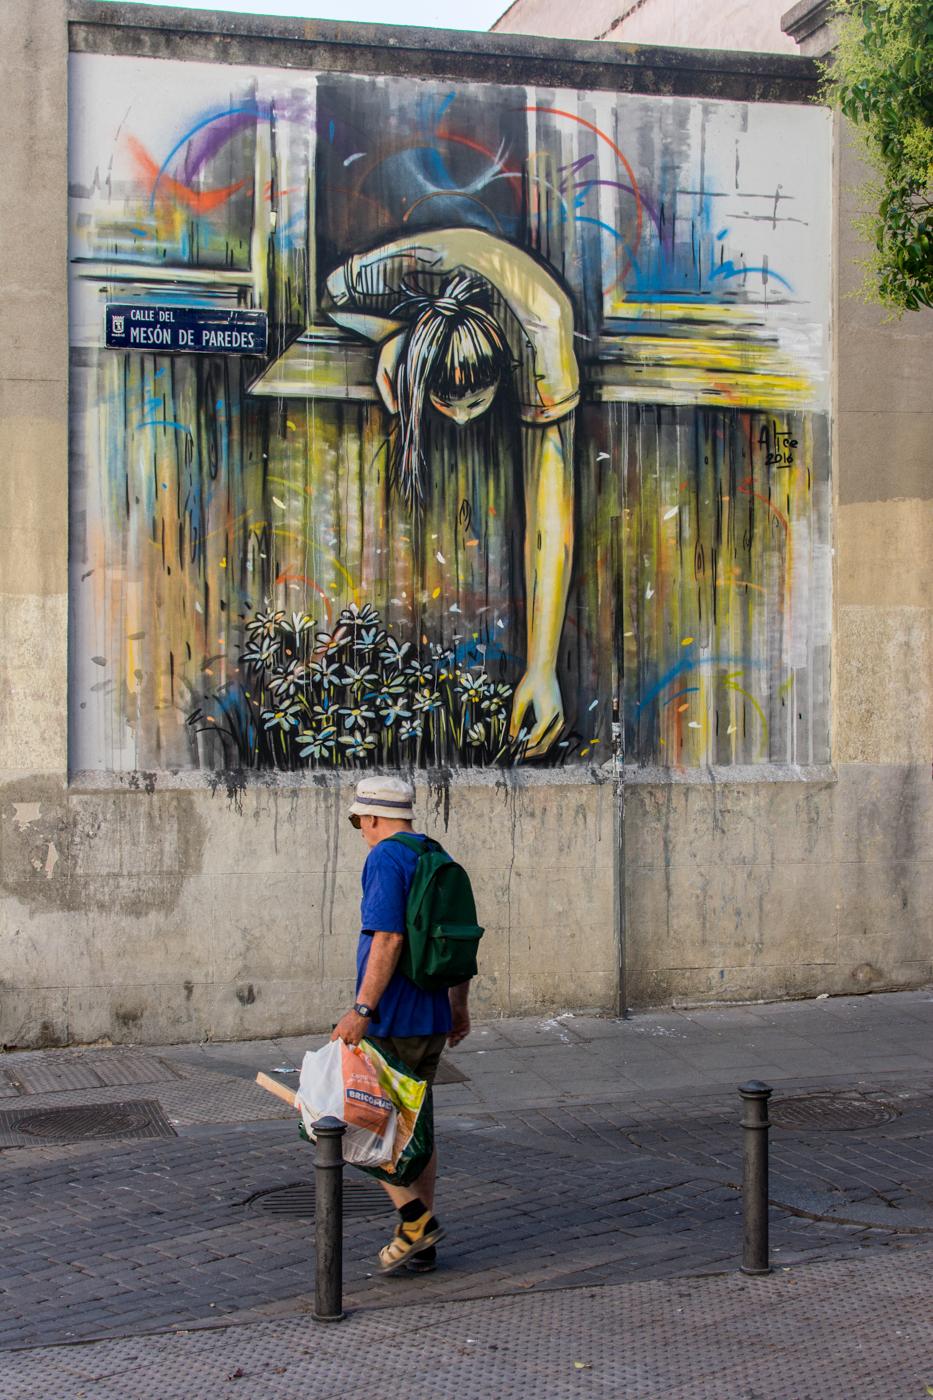 AlicePasquini_MurosTabacalera by Guillermo de la Madrid - Madrid Street Art Project final -002.jpg